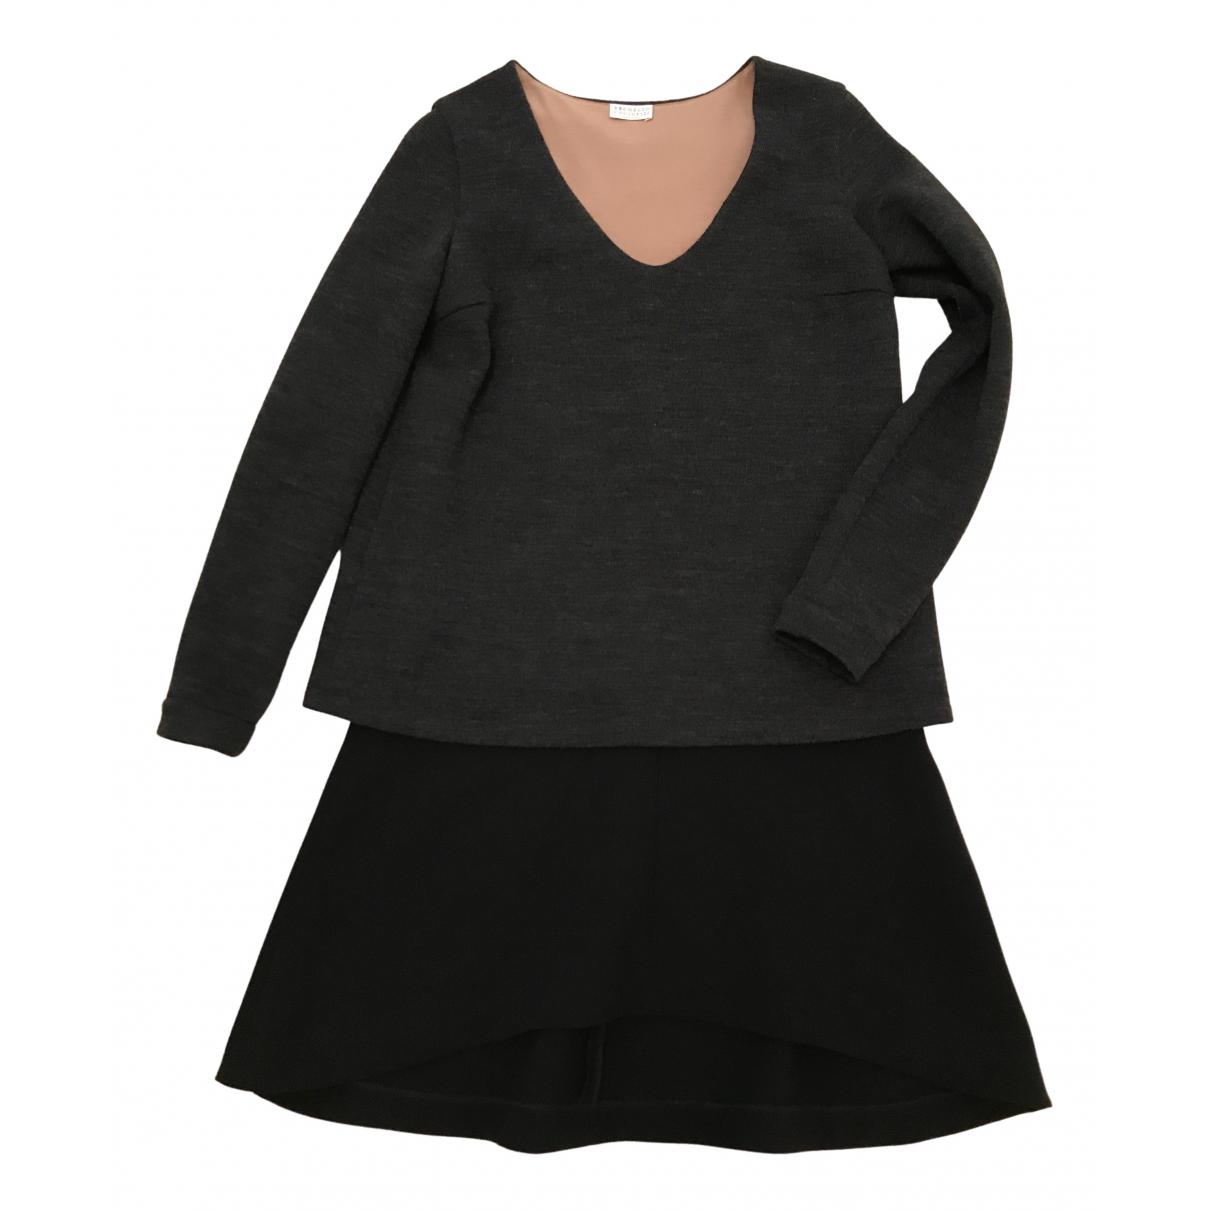 Brunello Cucinelli \N Kleid in  Anthrazit Wolle